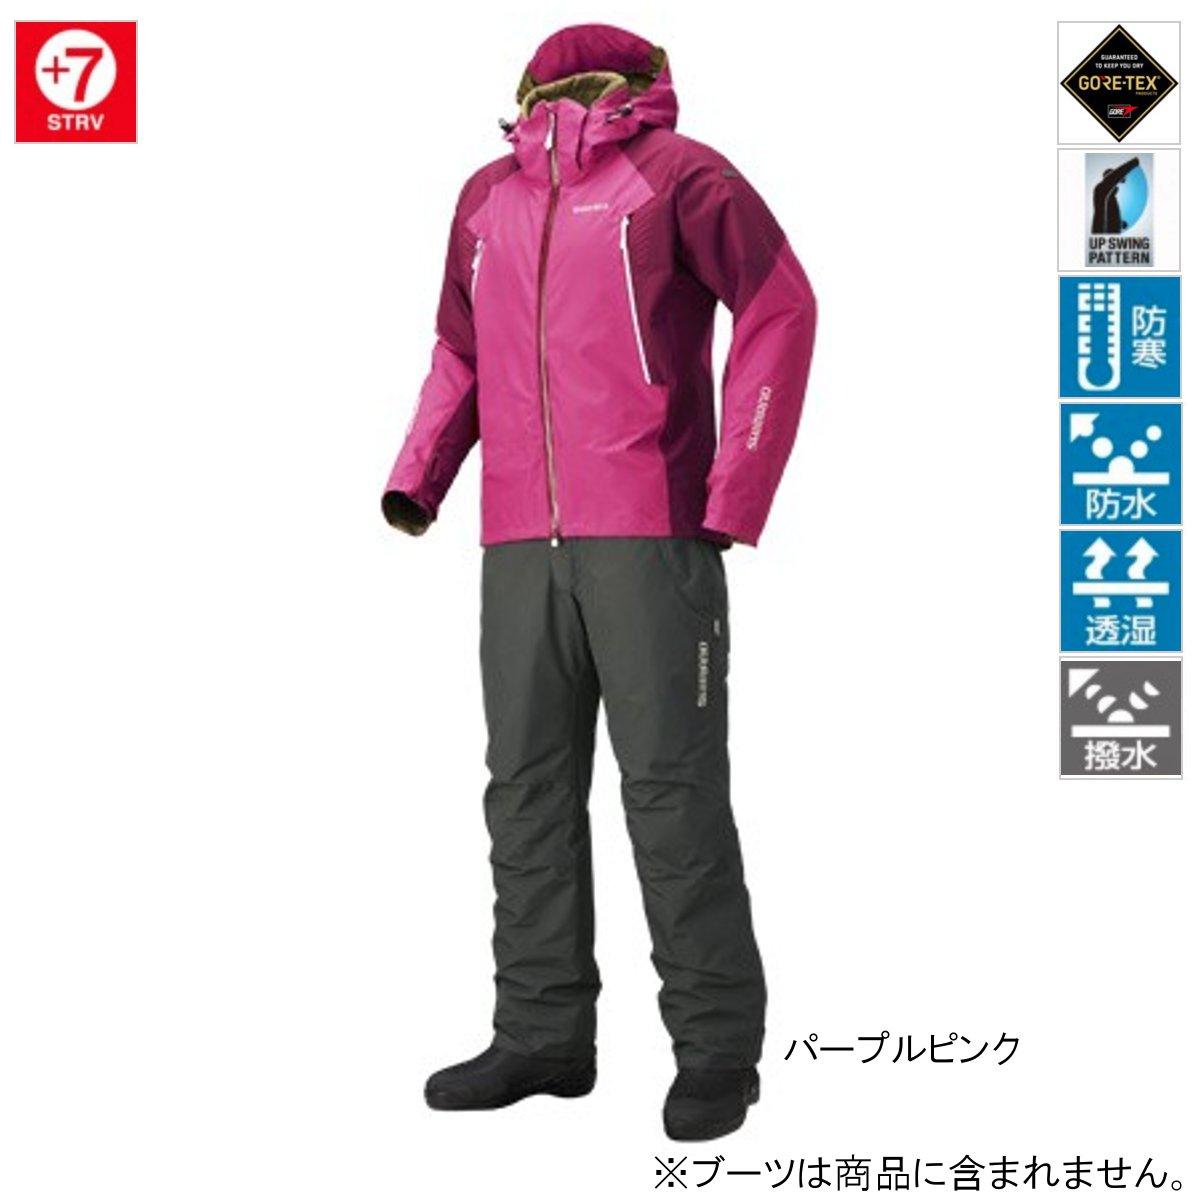 シマノ GORE-TEX ベーシックウォームスーツ RB-017R L パープルピンク(東日本店)